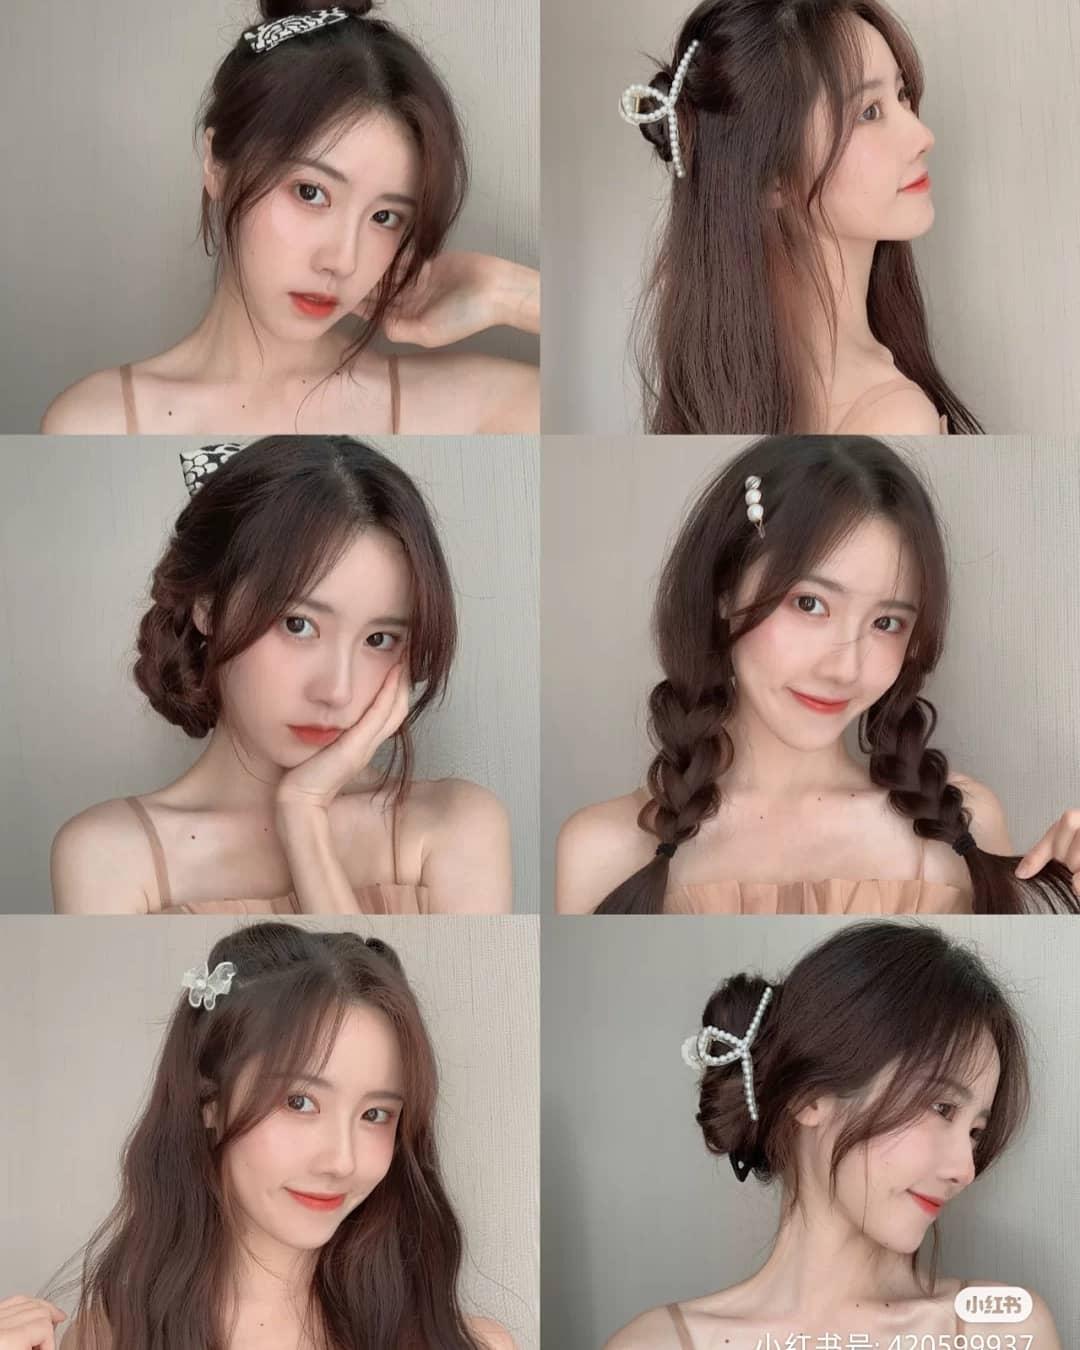 Những kiểu tóc đơn giản trông sẽ duyên dáng, bắt mắt hơn hẳn khi các cô gái kết hợp cùng phụ kiện tóc. Những chiếc kẹp ngọc trai, kẹp nơ, bươm bướm... sẽ giúp gương mặt của bạn thêm xinh xắn, thời thượng.